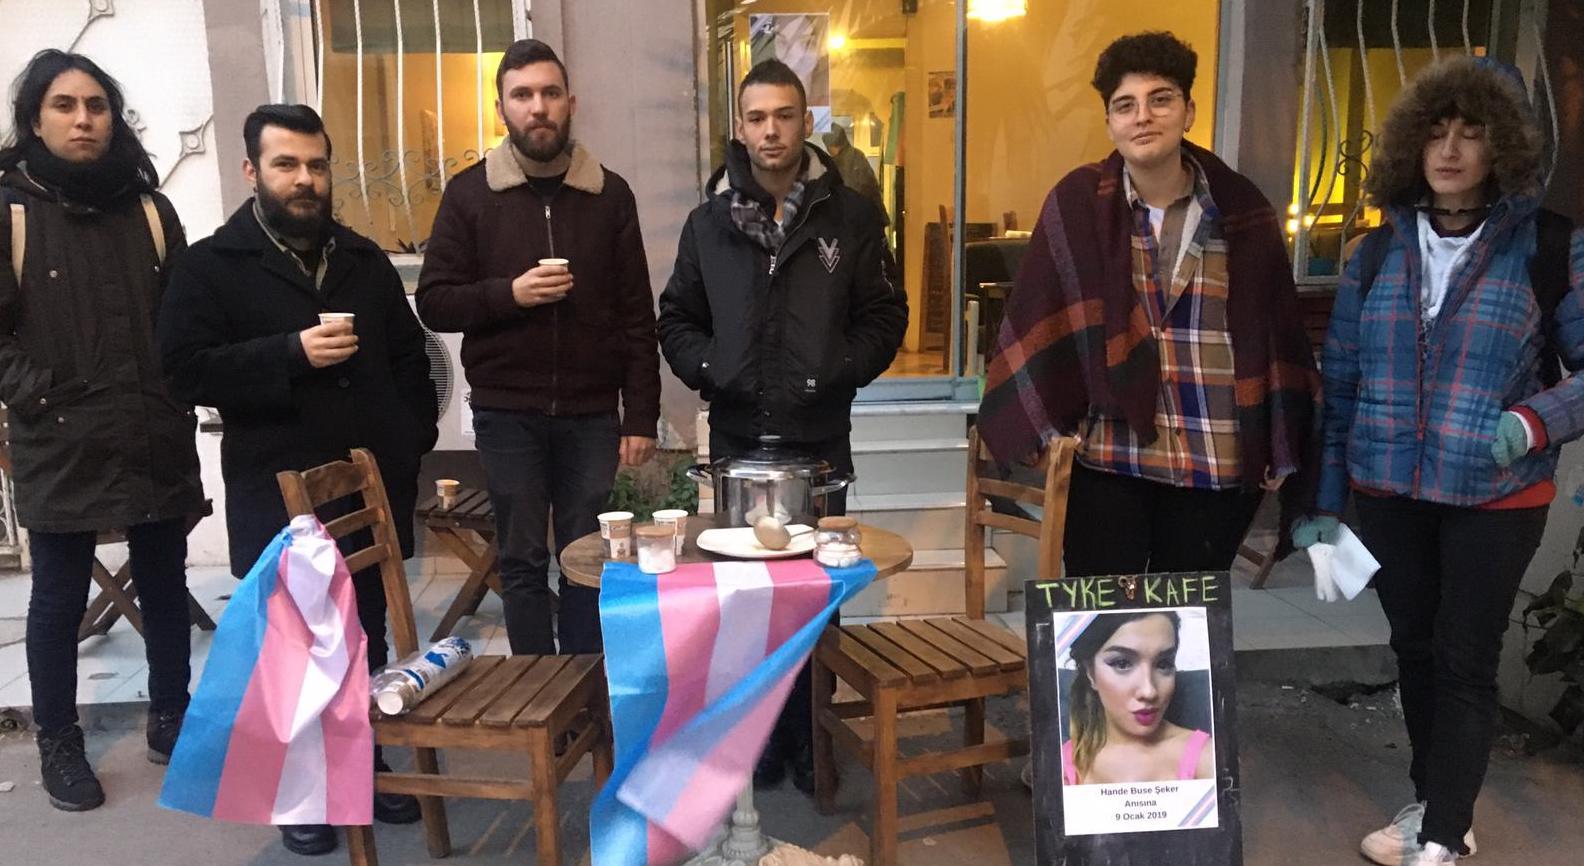 Arkadaşları ve Genç LGBTİ+, Hande Şeker için çorba dağıttı Kaos GL - LGBTİ+ Haber Portalı